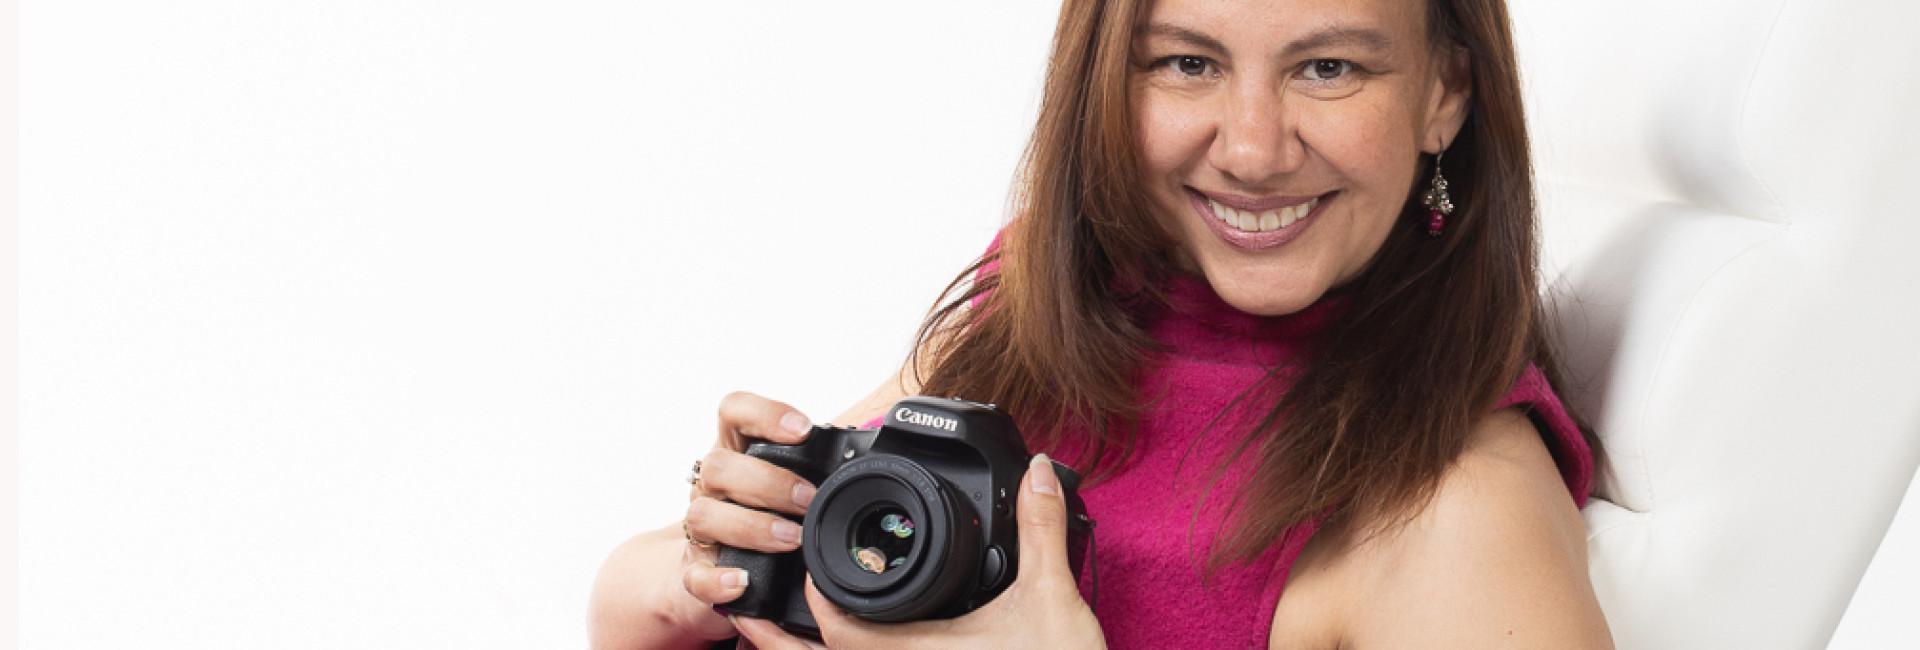 Perla Michiels met camera fotostudio long